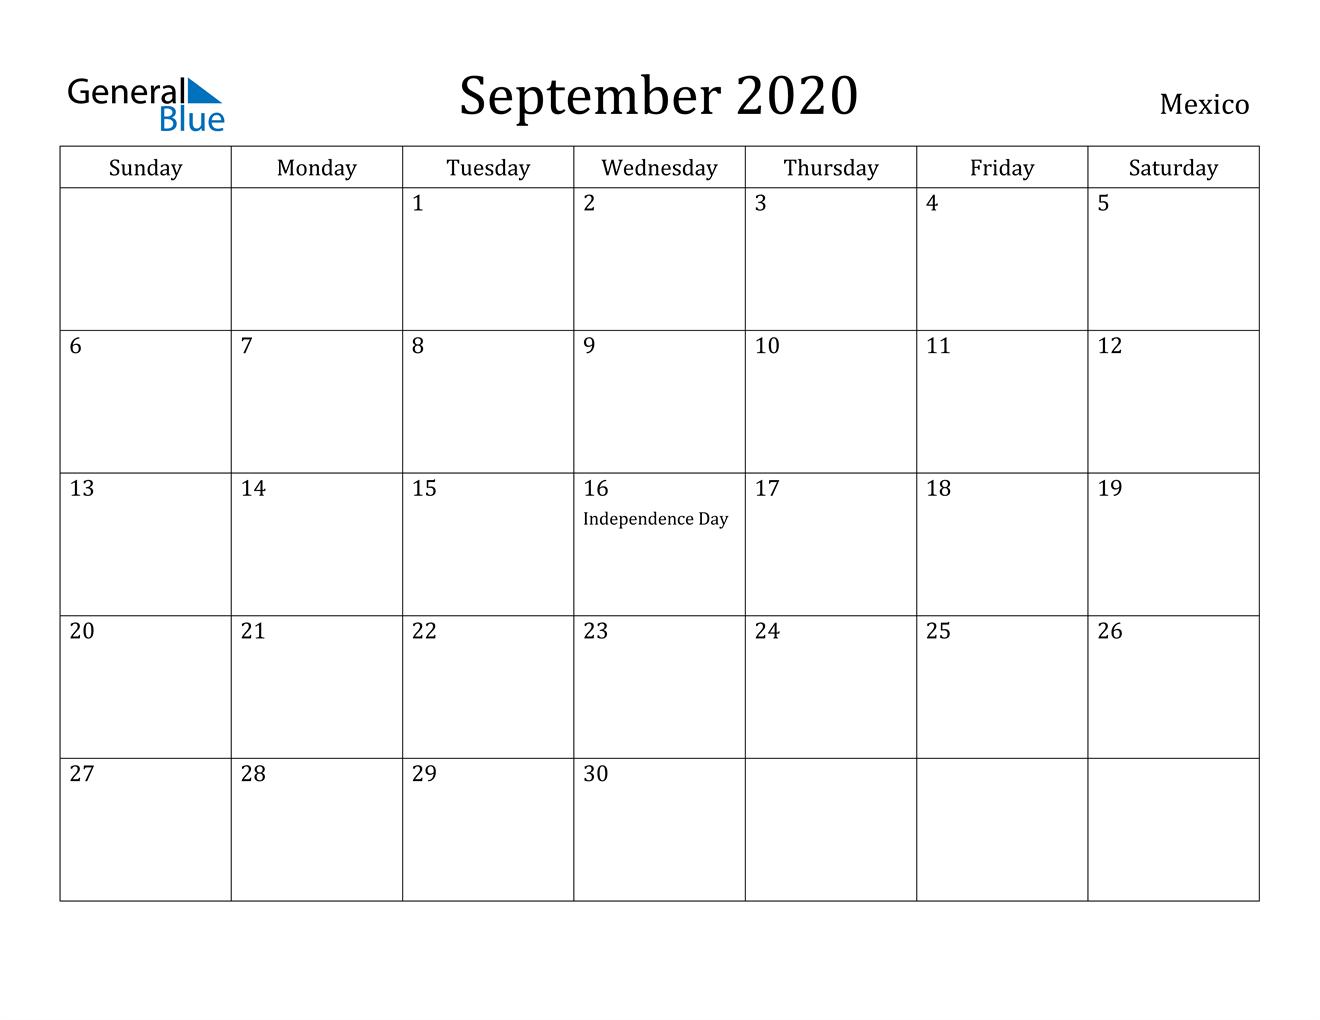 Image of September 2020 Mexico Calendar with Holidays Calendar